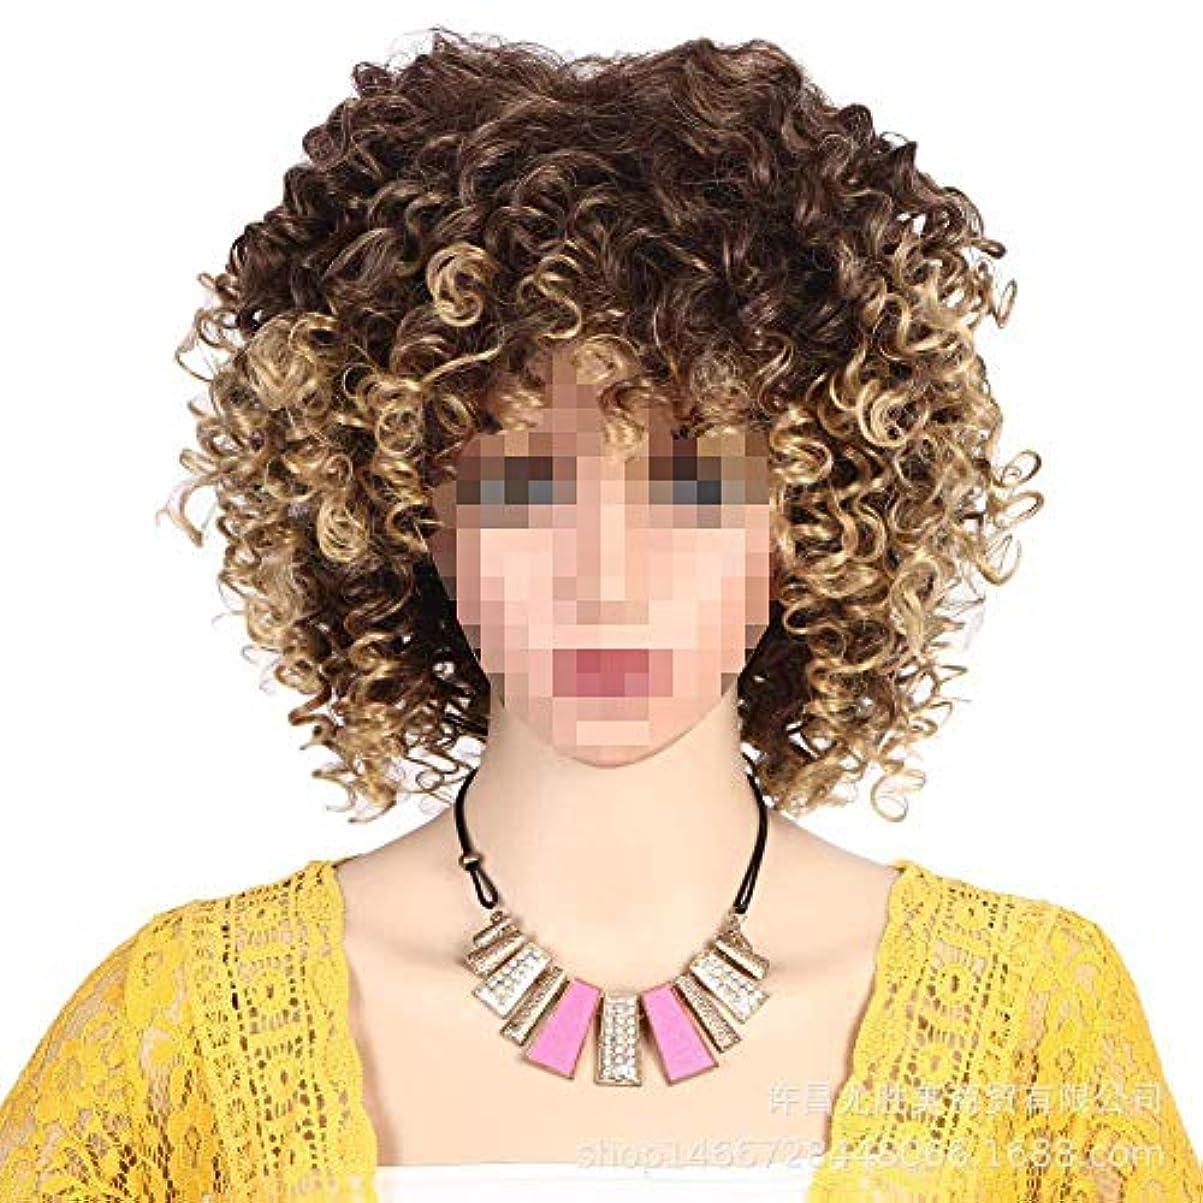 配管マッシュ人種女性のための合成ショート変態カーリーヘアウィッグ/耐熱性繊維ショルダー長さ/アフリカ系アメリカ人コスプレウィッグ用ウィッグ